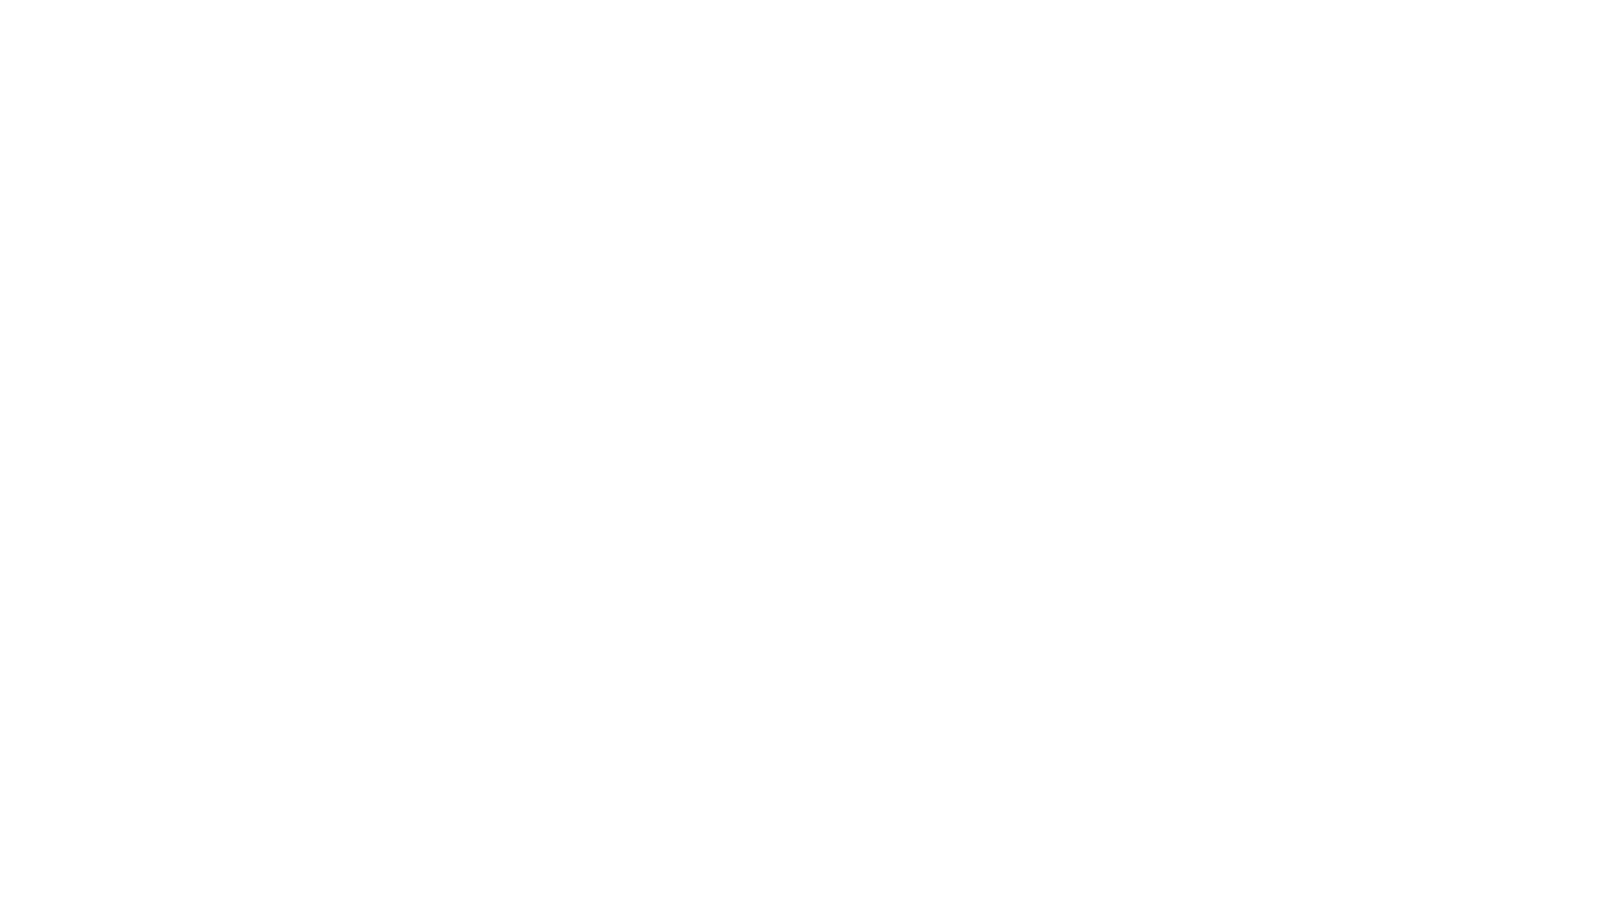 【365日毎朝7時に届く!海外投資メルマガ(無料)】 https://globalfp.jp/mail  【公式LINEで海外投資の情報配信中!】 各種個別のご相談も承ります。お気軽にご連絡ください。 LINE登録| https://lin.ee/6jgZbfv  【海外投資ウェブセミナー】 海外投資の基礎知識、暗号通貨、フィリピン不動産など各テーマのセミナーを開催しております。 https://alphatry.co.jp/seminar/  【グローバル・ファイナンシャルプランナー・スクール開講中!】 海外投資について本格的に学ベて資格も取得可能!資格取得コース&スクールコース開講中! GFP協会HP| https://globalfp.jp/  ===================== ▼アルファトライ株式会社HP https://alphatry.co.jp/  ▼山本聖 Instagram https://www.instagram.com/yamamoto.sei/  ▼山本聖 TikTok https://www.tiktok.com/@seiyamamoto  ▼山本聖 Clubhouse 「@seiyamamoto」で検索  ▼山本聖 オフィシャルブログ http://sei-yamamoto.info/  メールでのお問い合わせ|info@alphatry.co.jp =================== #富裕層#お金持ち#富裕税